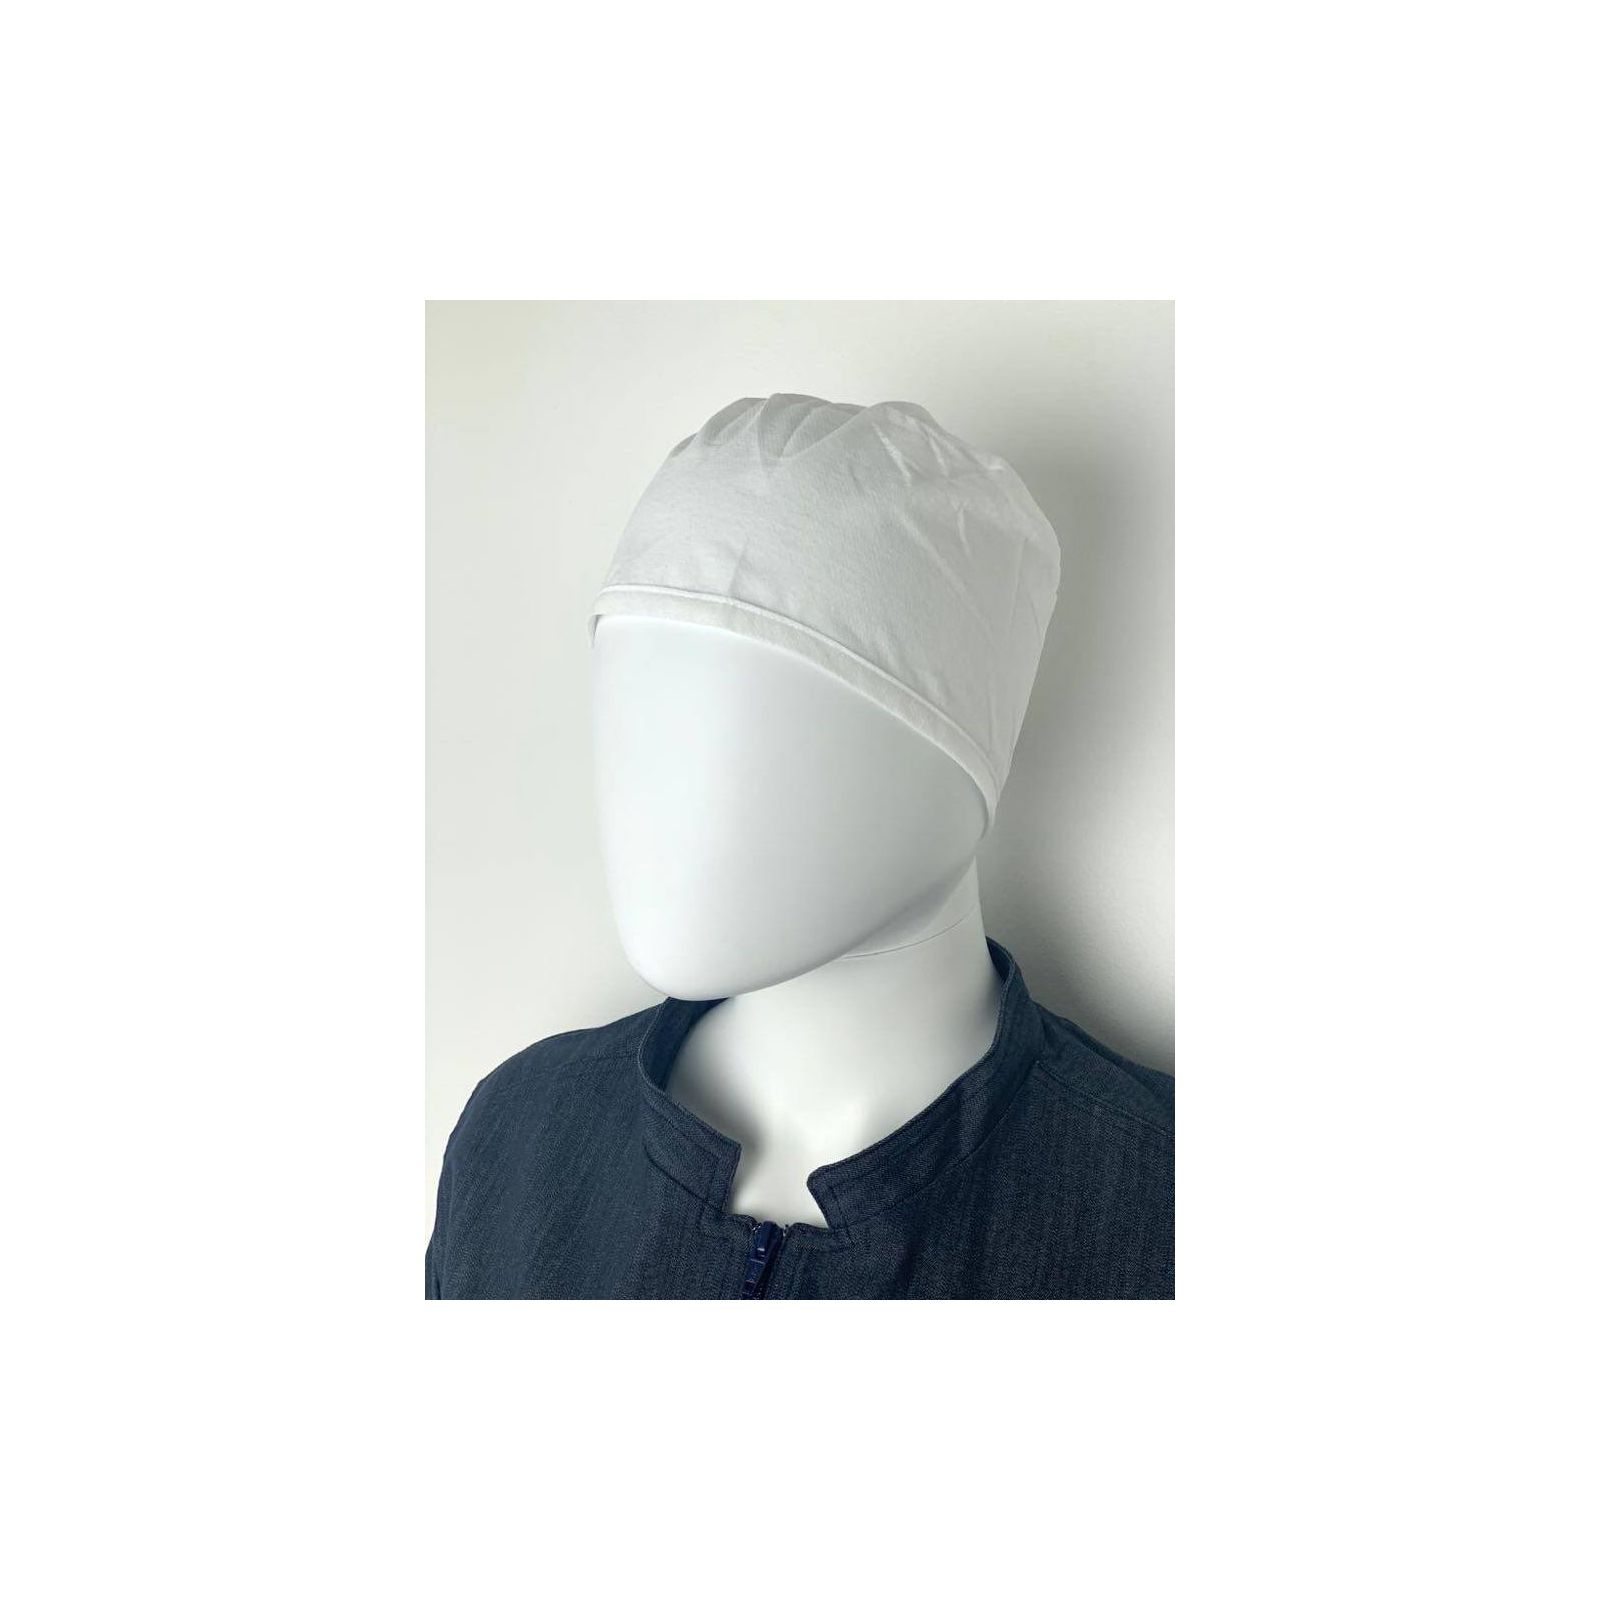 Pack de 5 Calots médicaux Lavables Polypropylène Blanc (210-9995) vue produit